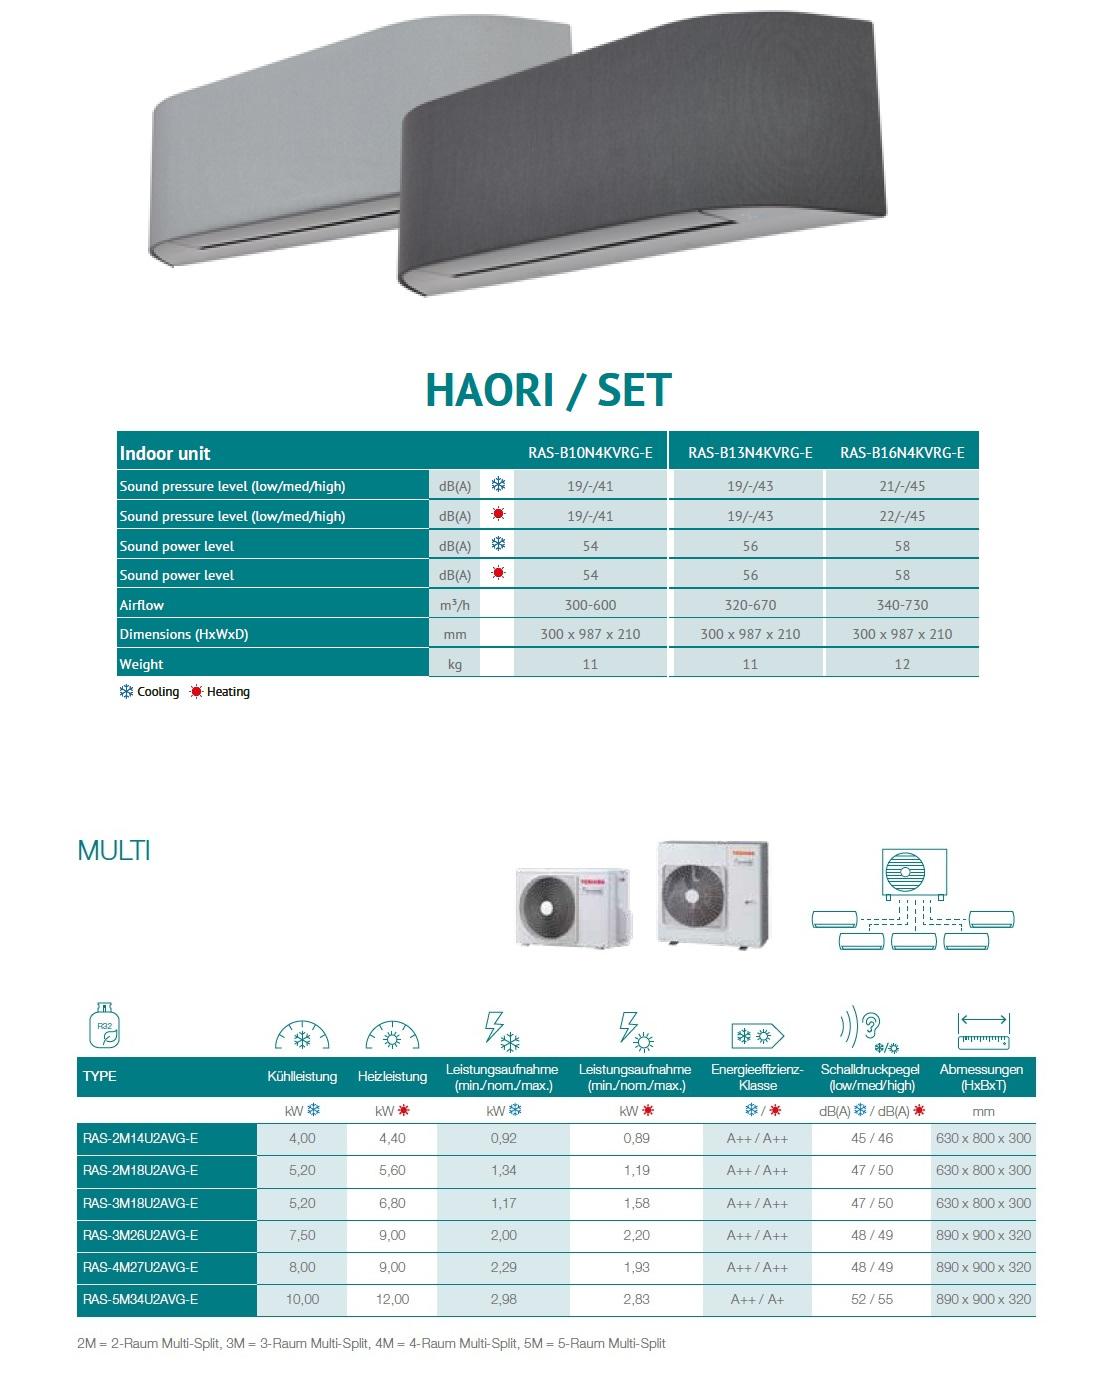 Klimaanlagen Toshiba Trio Split 9+12+12 Haori RAS-3M18U2AVG-E